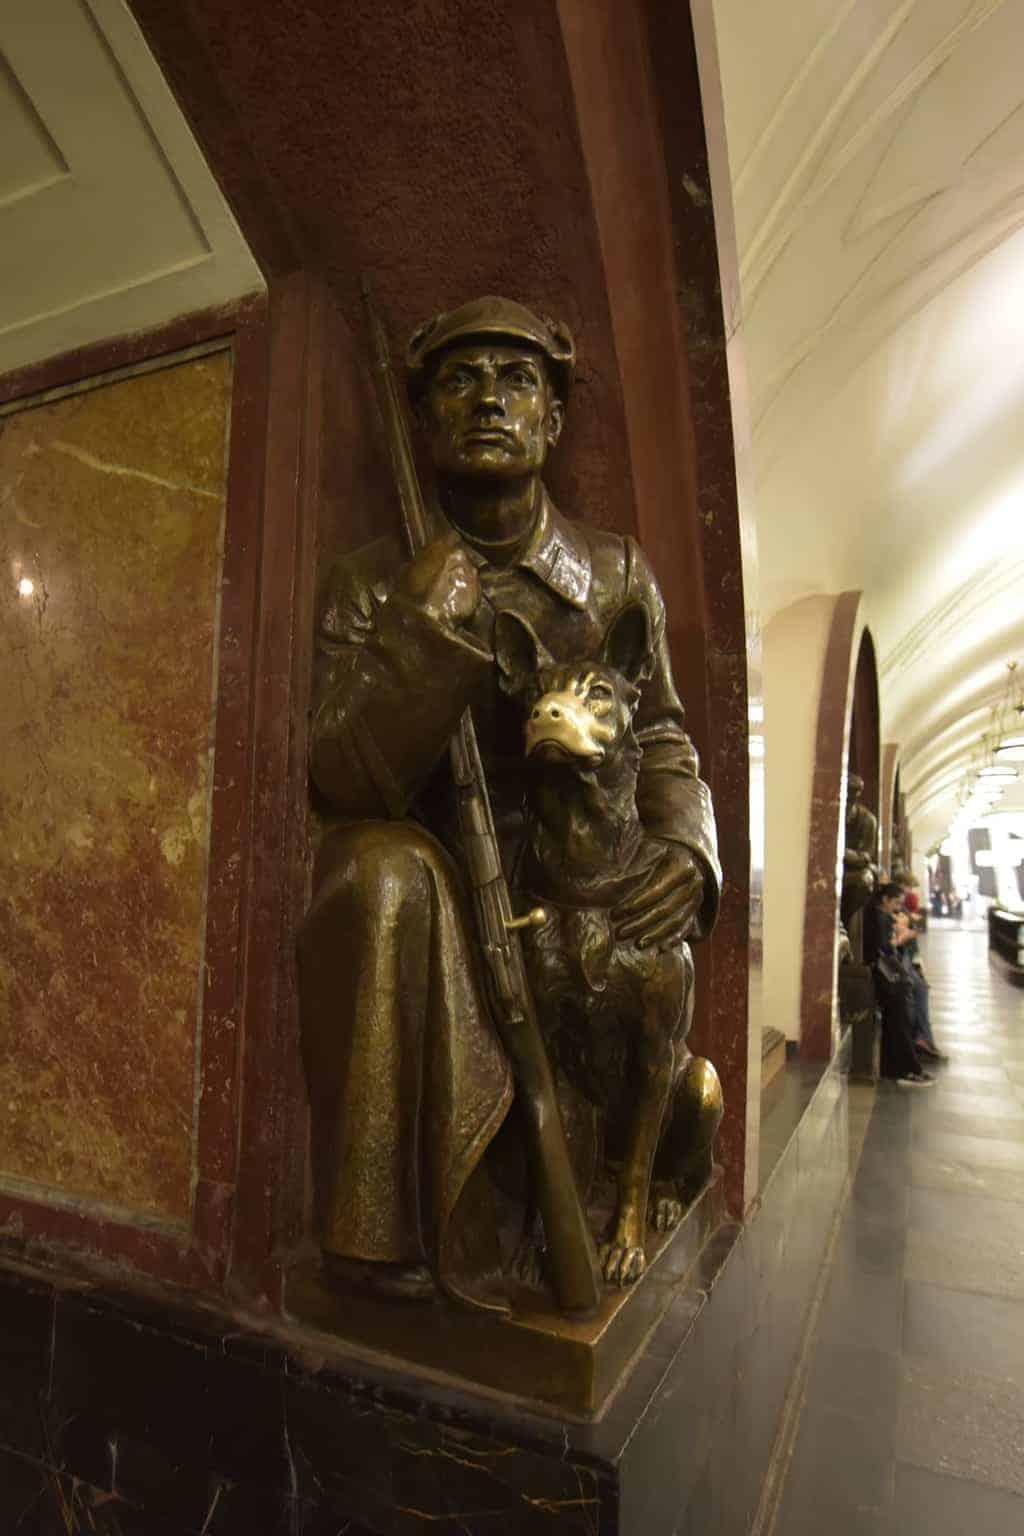 Ploshchad Revolyutsii Metro Station (Revolution Square)